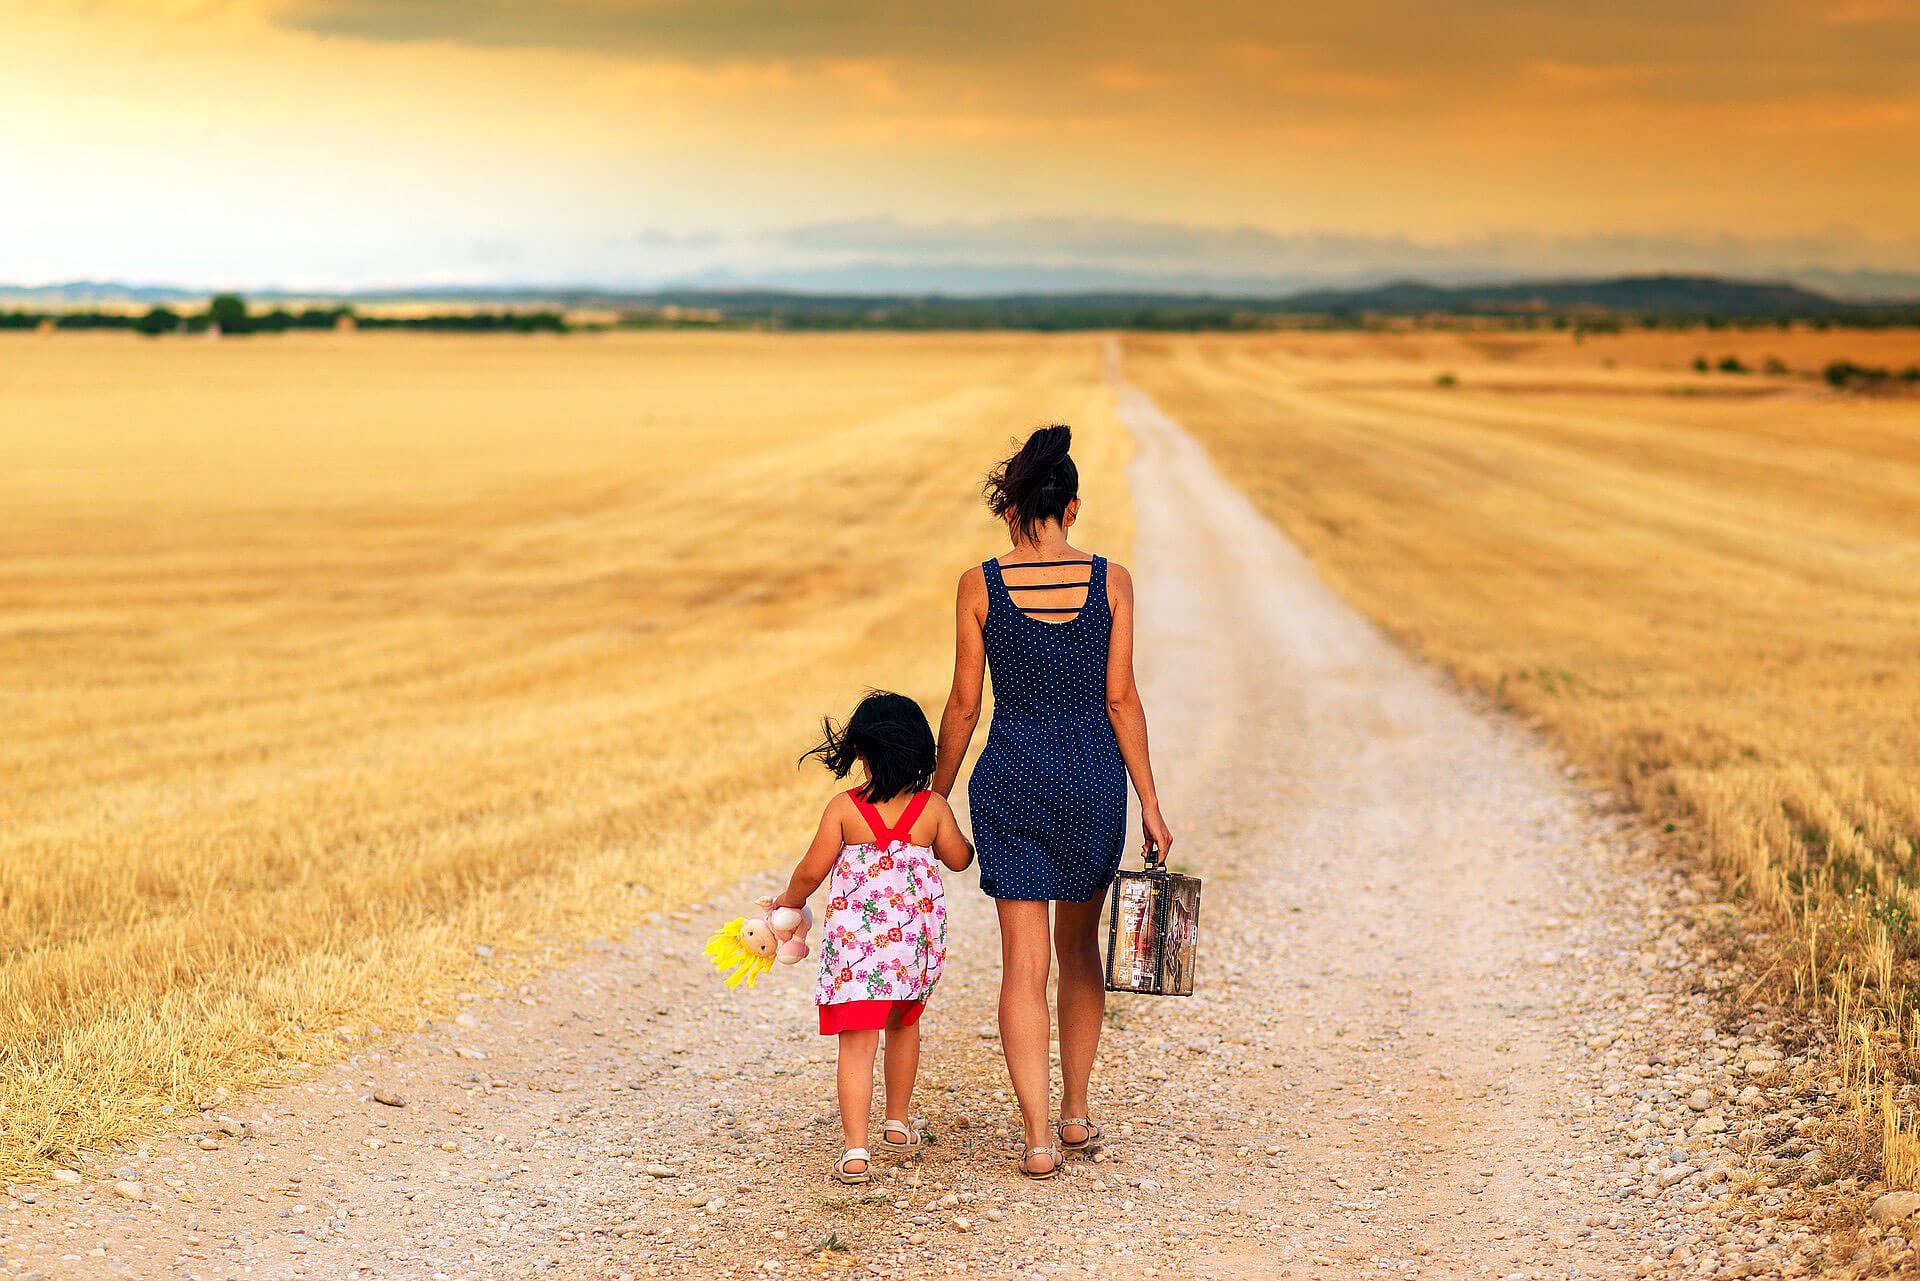 Mãe que transporta mala e criança com boneco na não, que caminham de mãos dadas através de um caminho de terra numa seara.